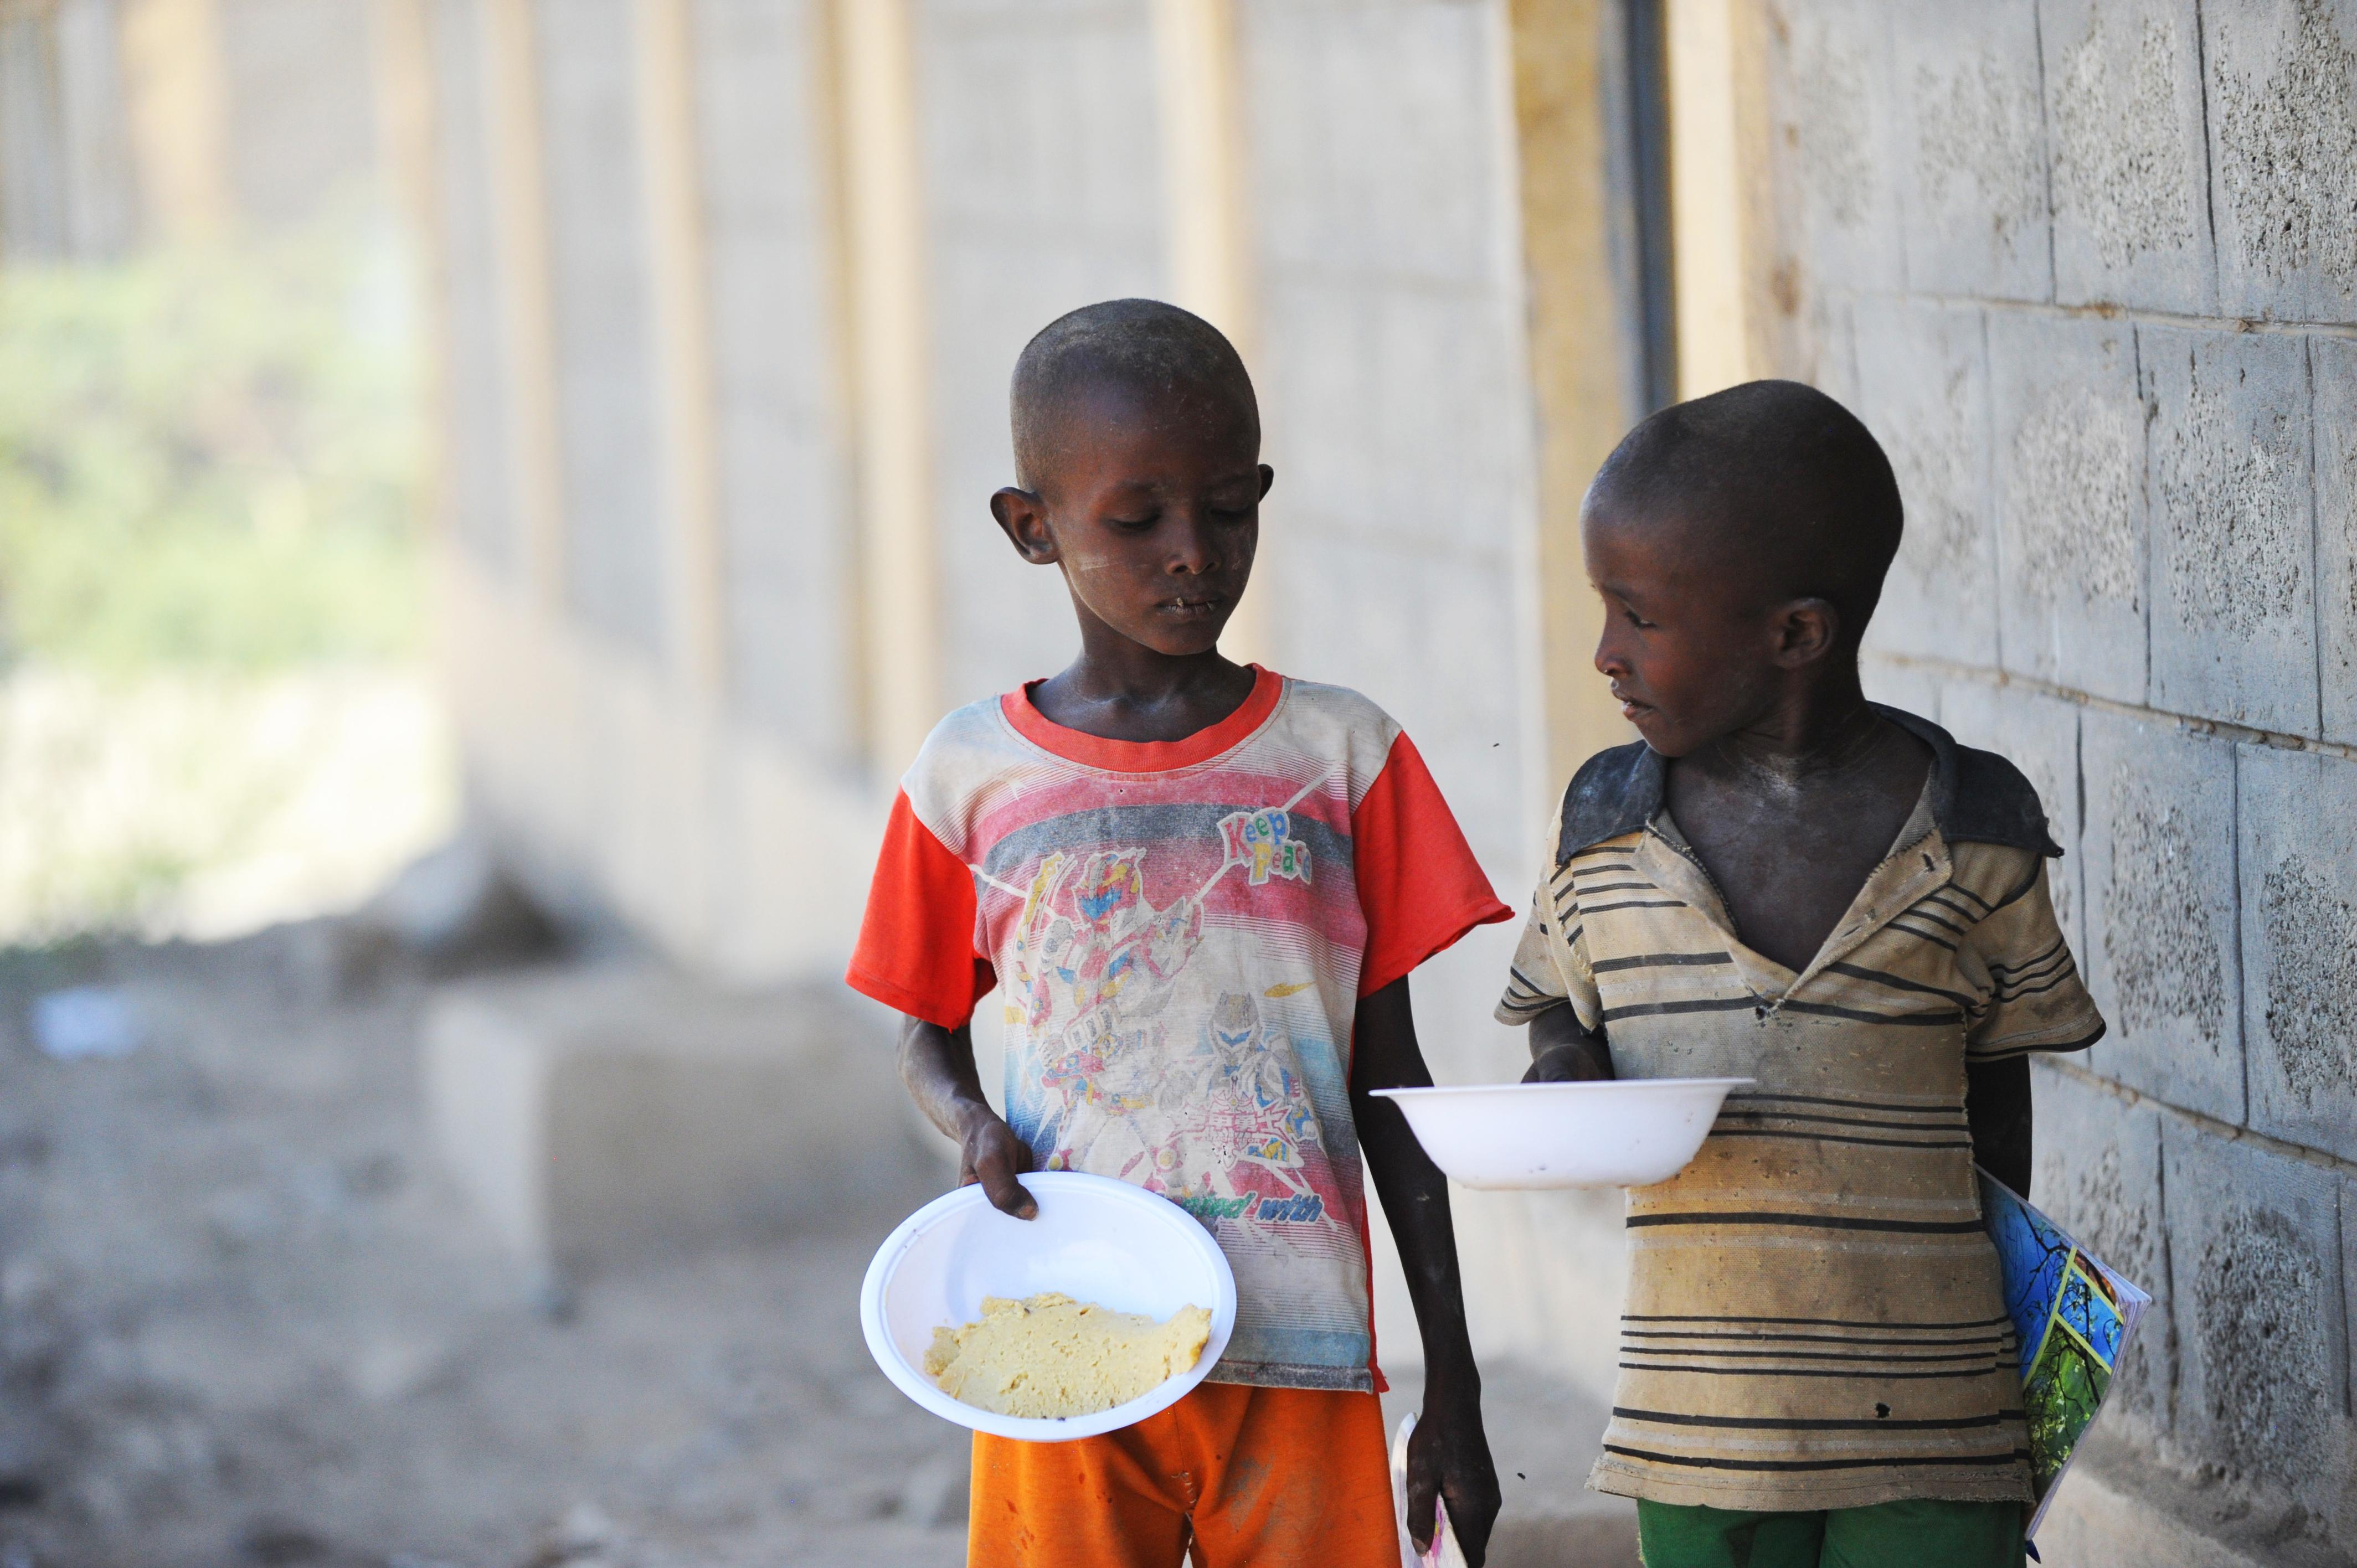 Zwei Kinder mit Tellern auf denen Famex ist. Famex wird während der Dürre als Nahrung besonders für Kinder verteilt um Unternährung zu vermeiden.